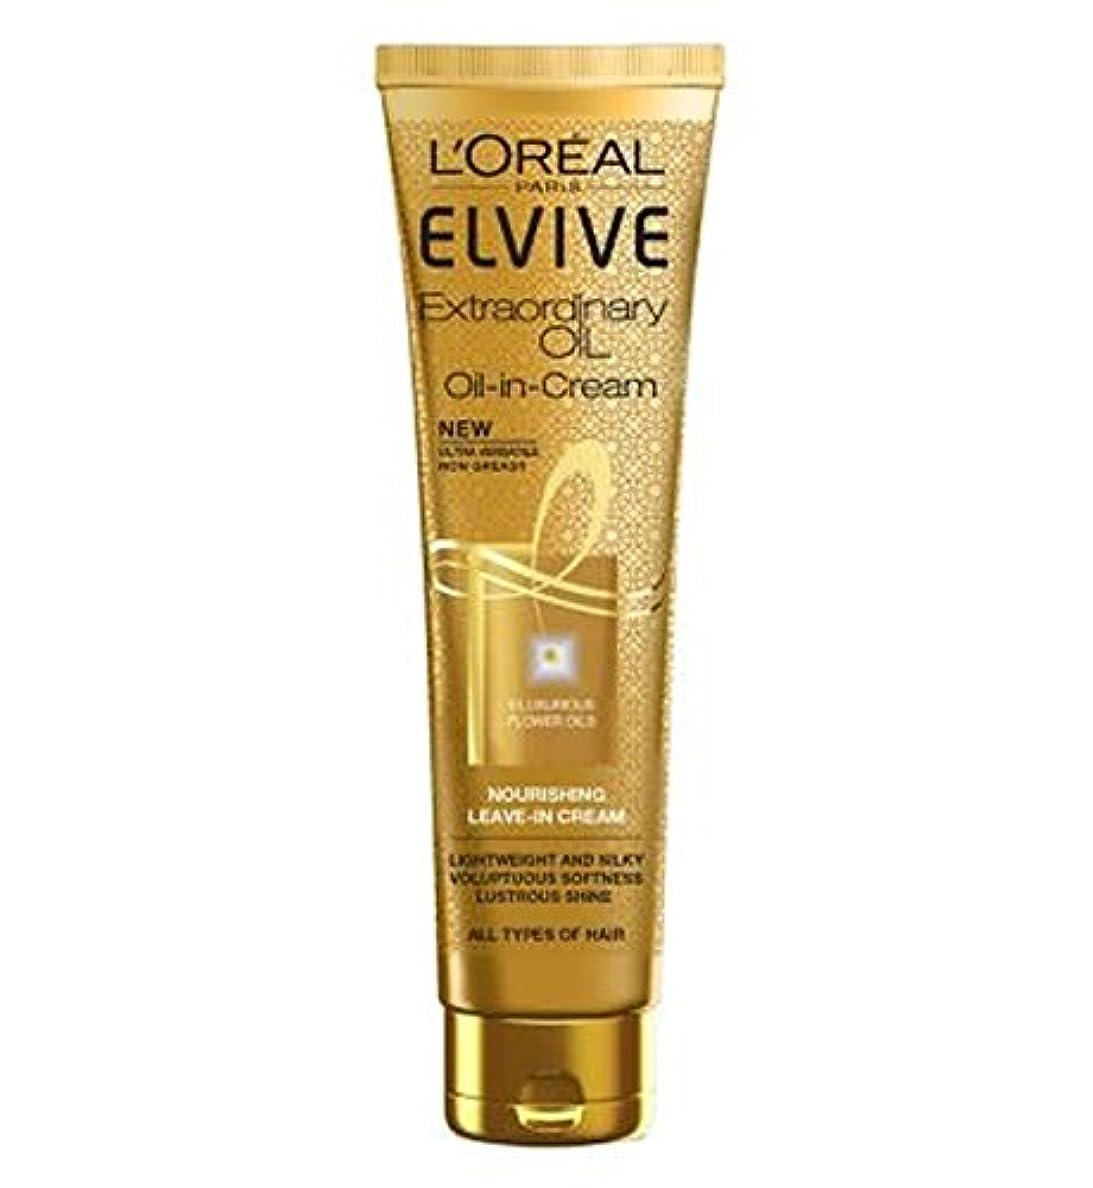 動員する費やす十L'Oreal Paris Elvive Extraordinary Oil in Cream All Hair Types - すべての髪のタイプのクリームでロレアルパリElvive臨時オイル (L'Oreal) [並行輸入品]